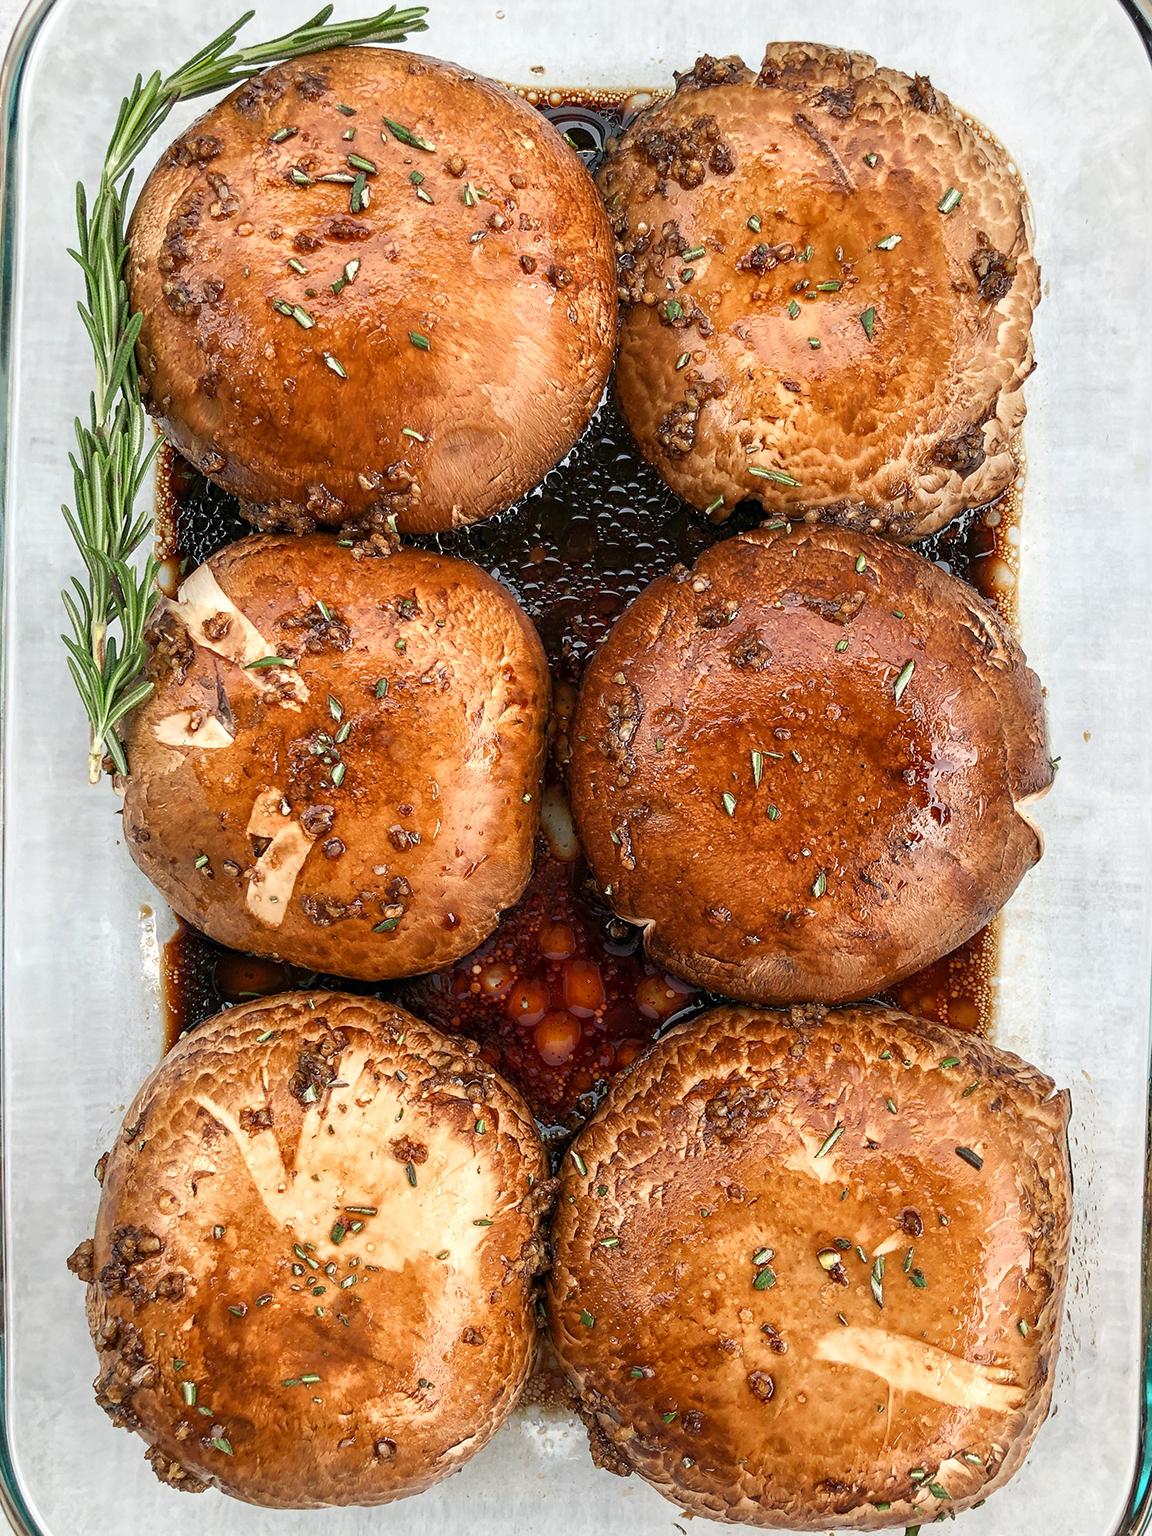 Marinated Portobello Mushroom Steaks